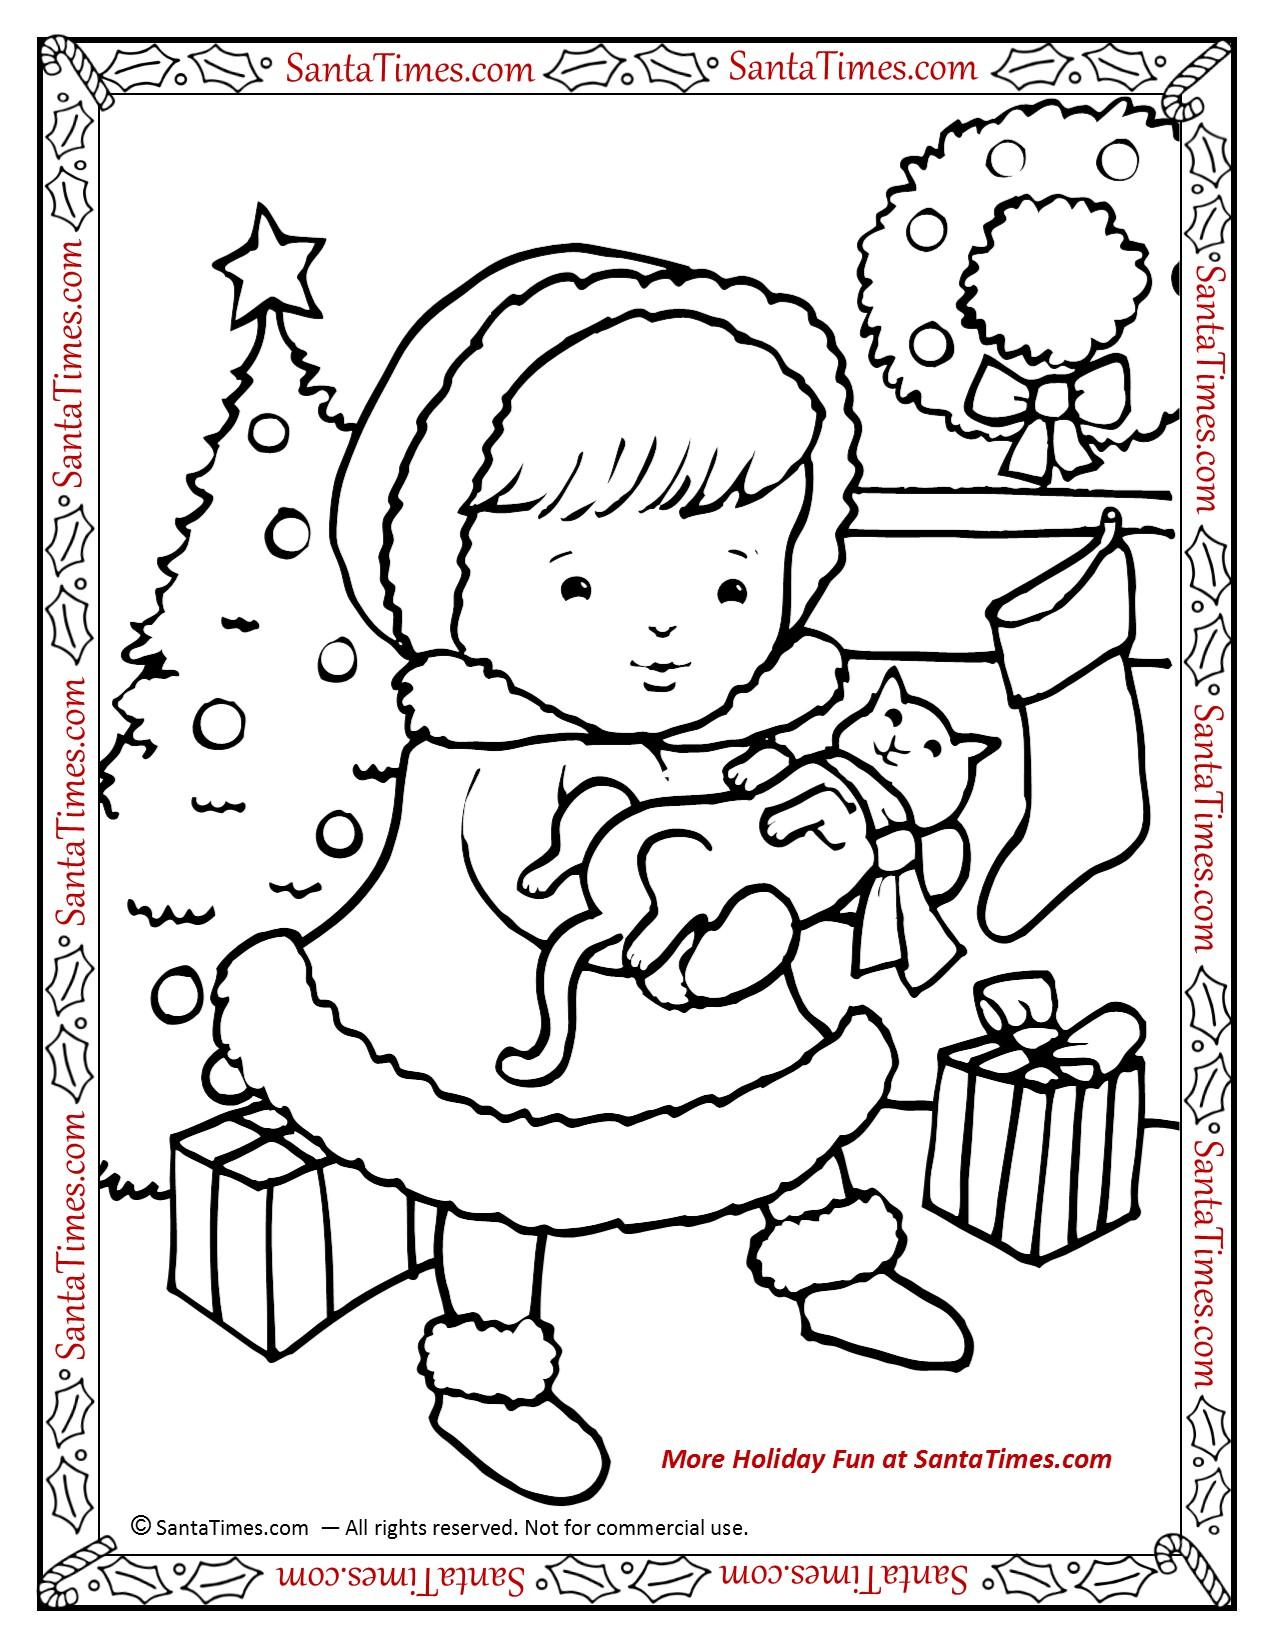 Hello Christmas Kitty Printable Coloring Page